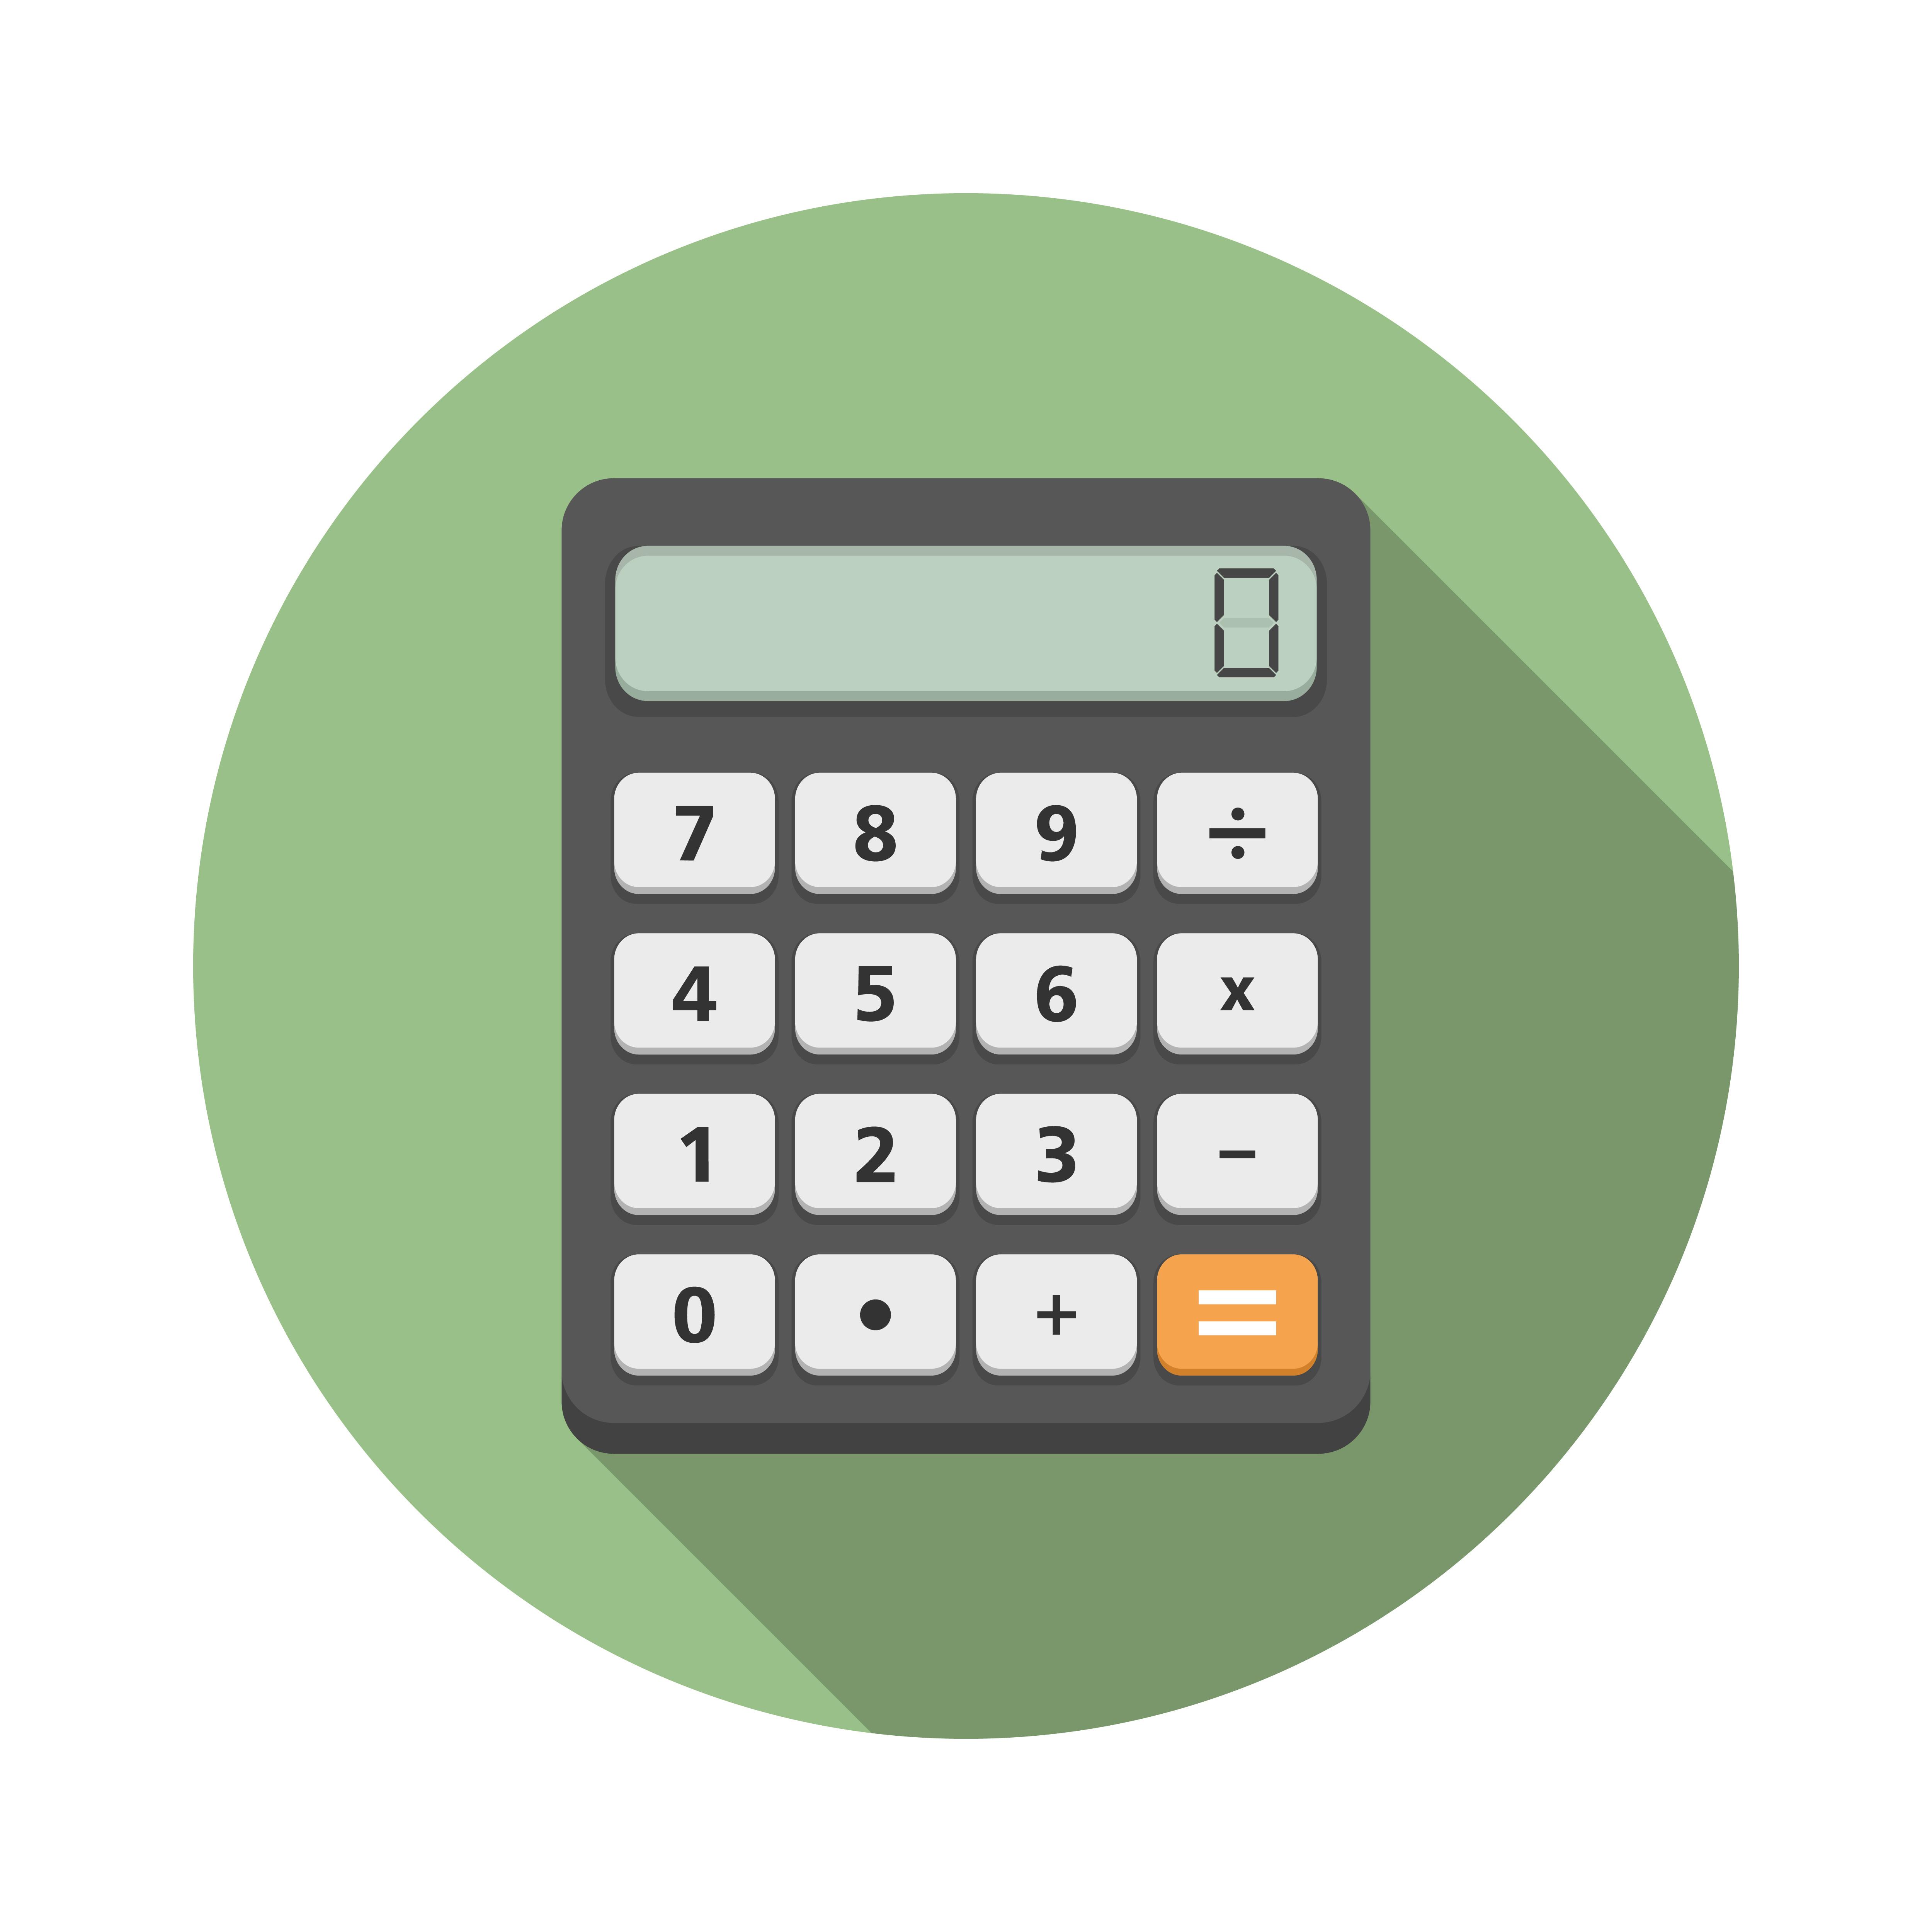 Wie man schnell neuen gültien Mehrwertsteuersatz ausrechnet